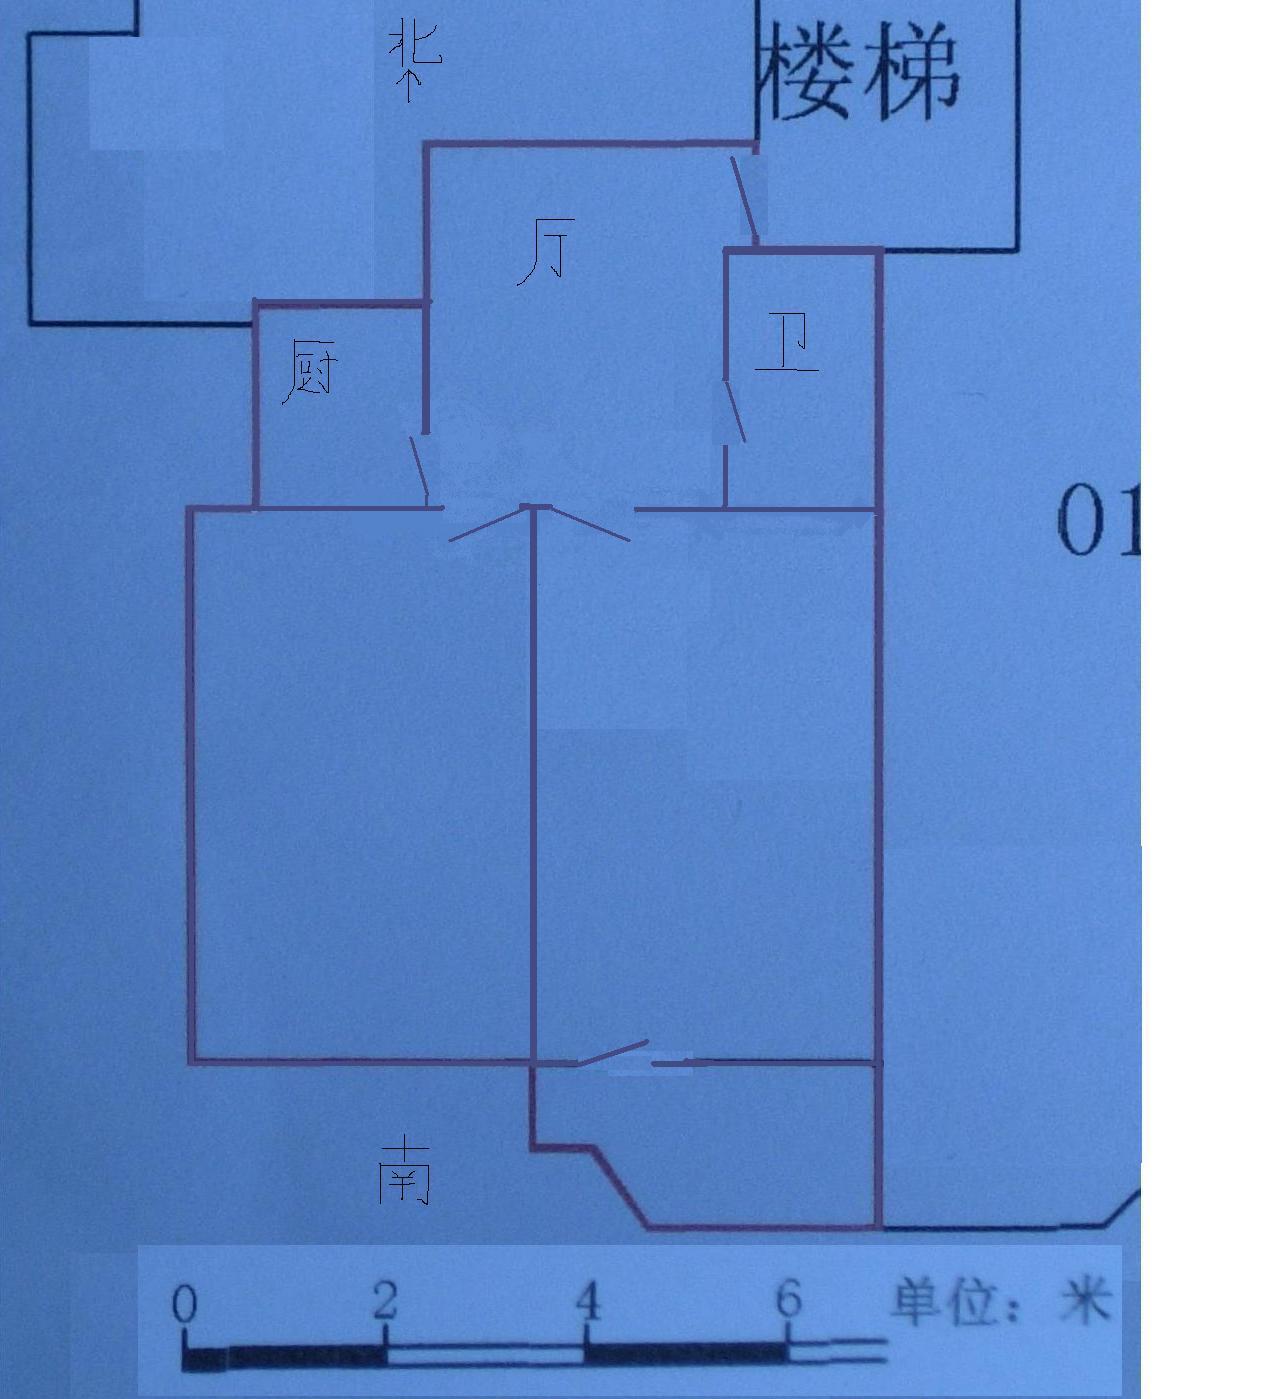 60平米的二手房2 1 1该如何装修 见平面图 高清图片